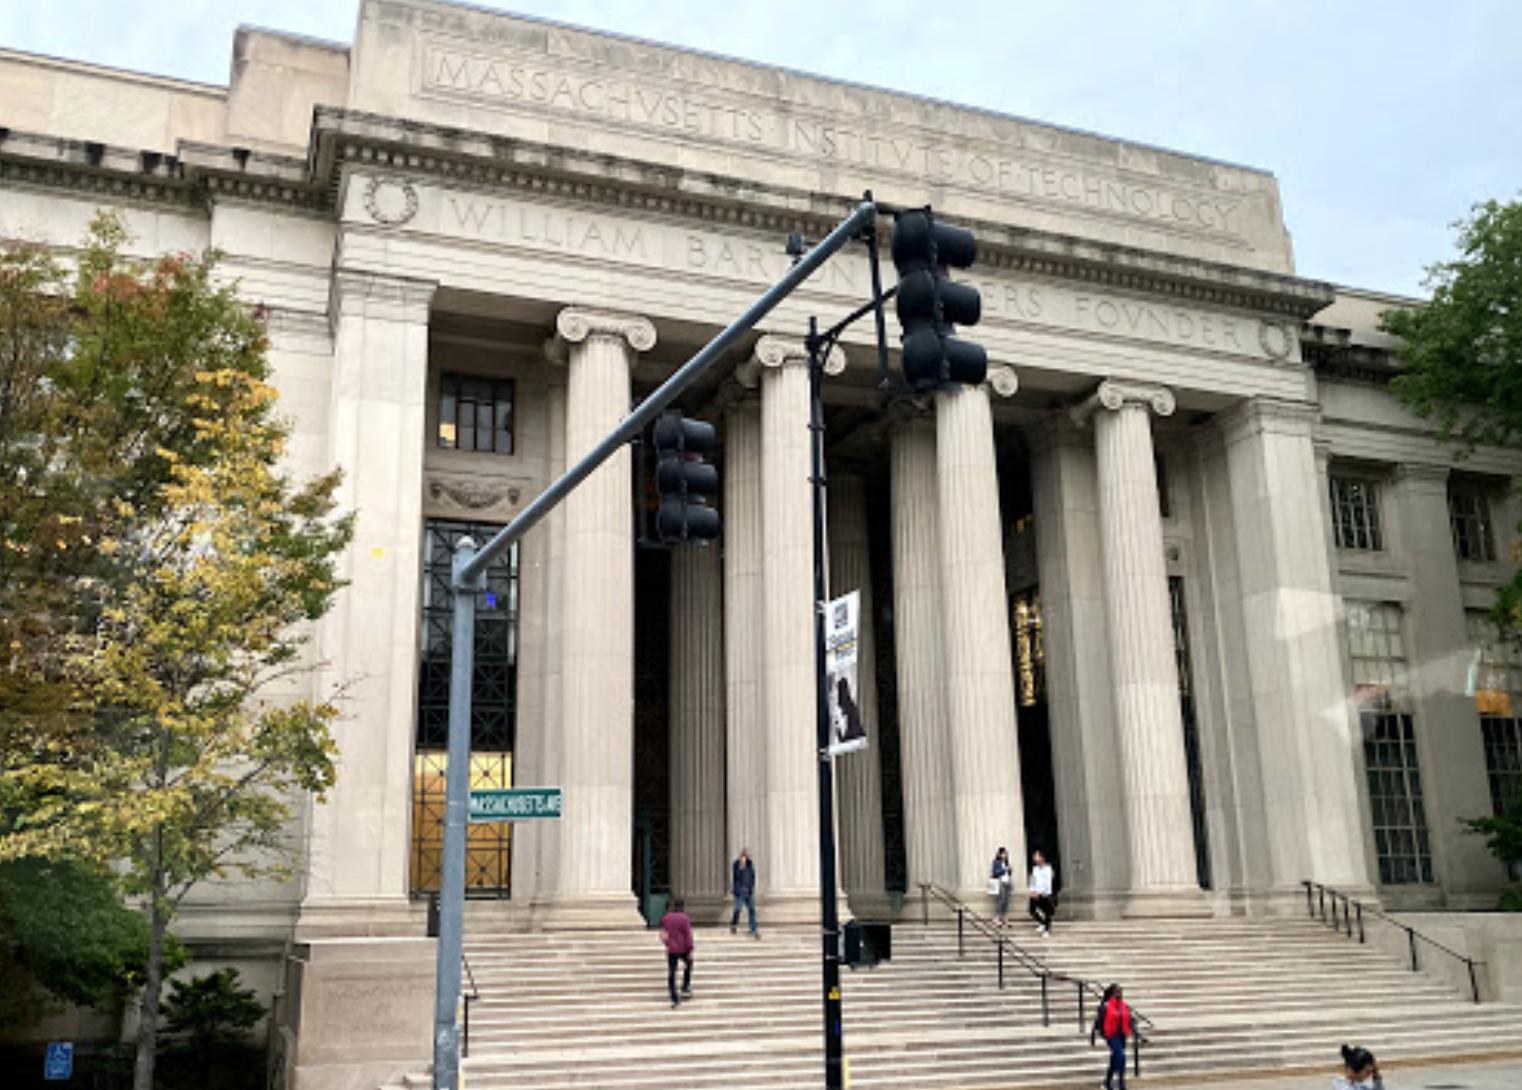 EDUCACIÓN. Massachusetts Institute of Technology